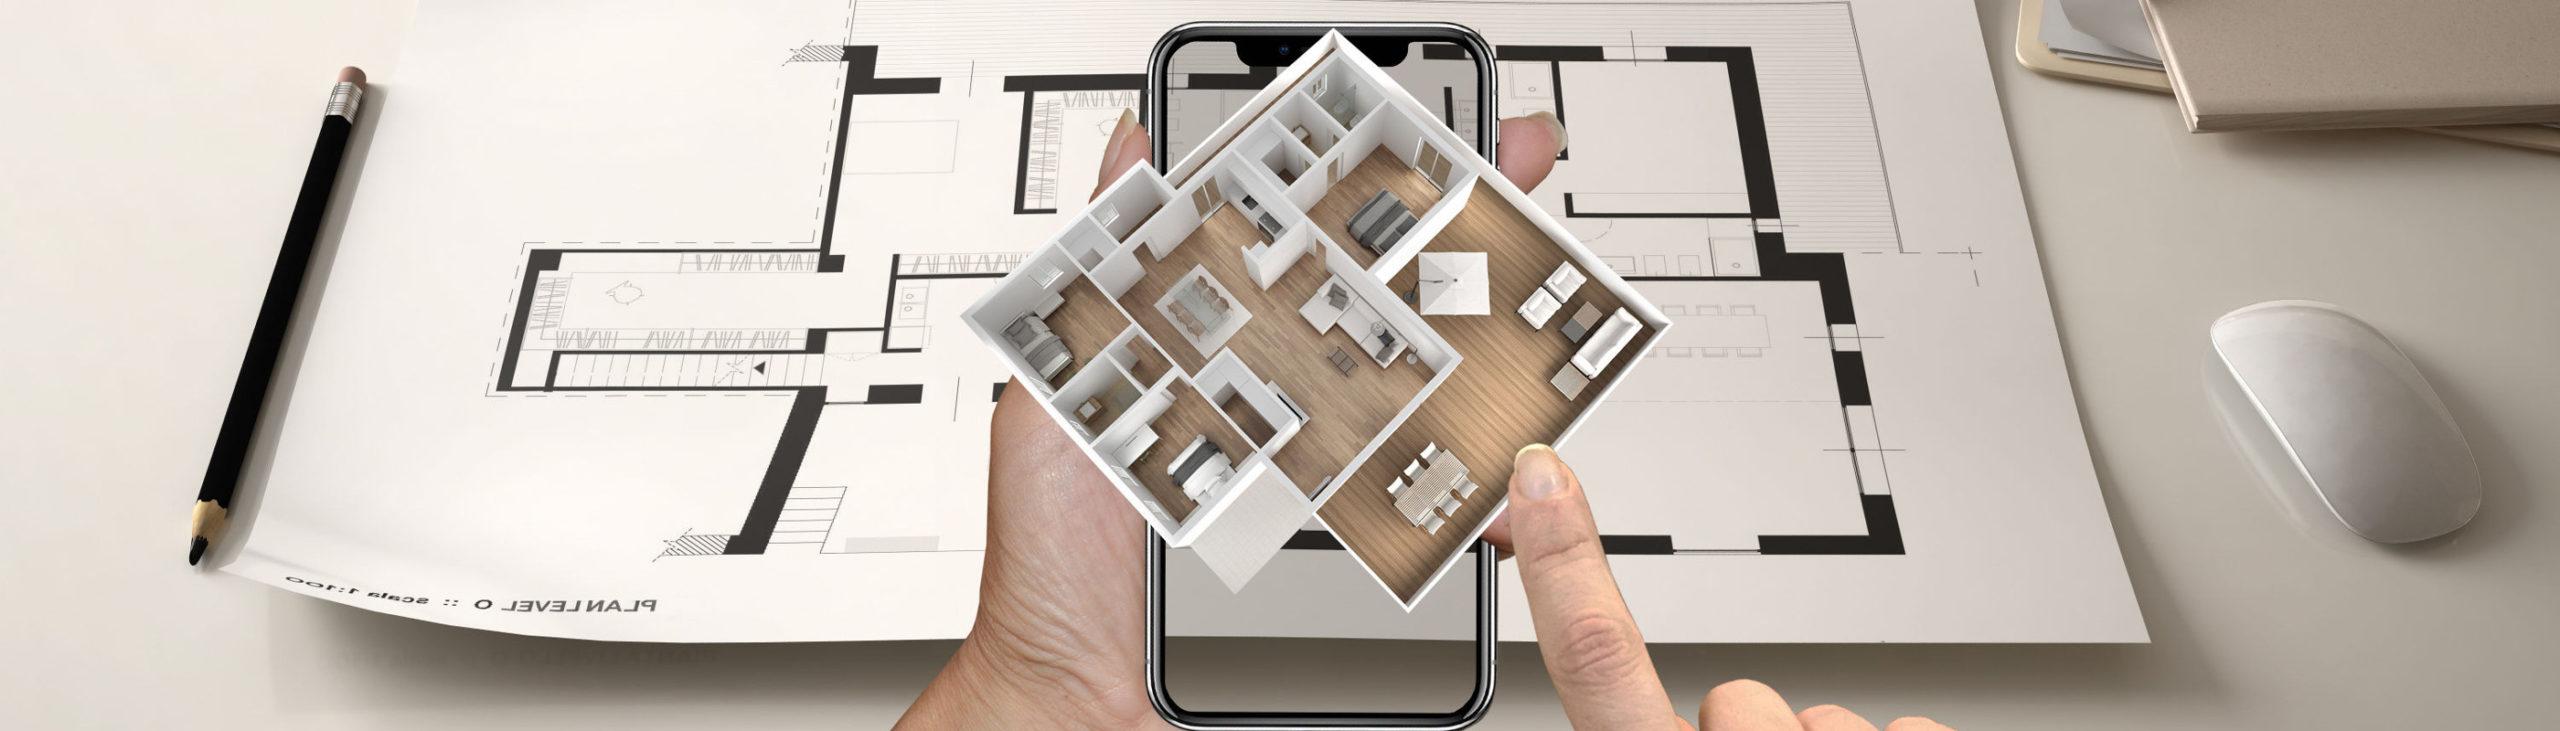 Apps para hacer planos y medir habitaciones en realidad aumentada | 10